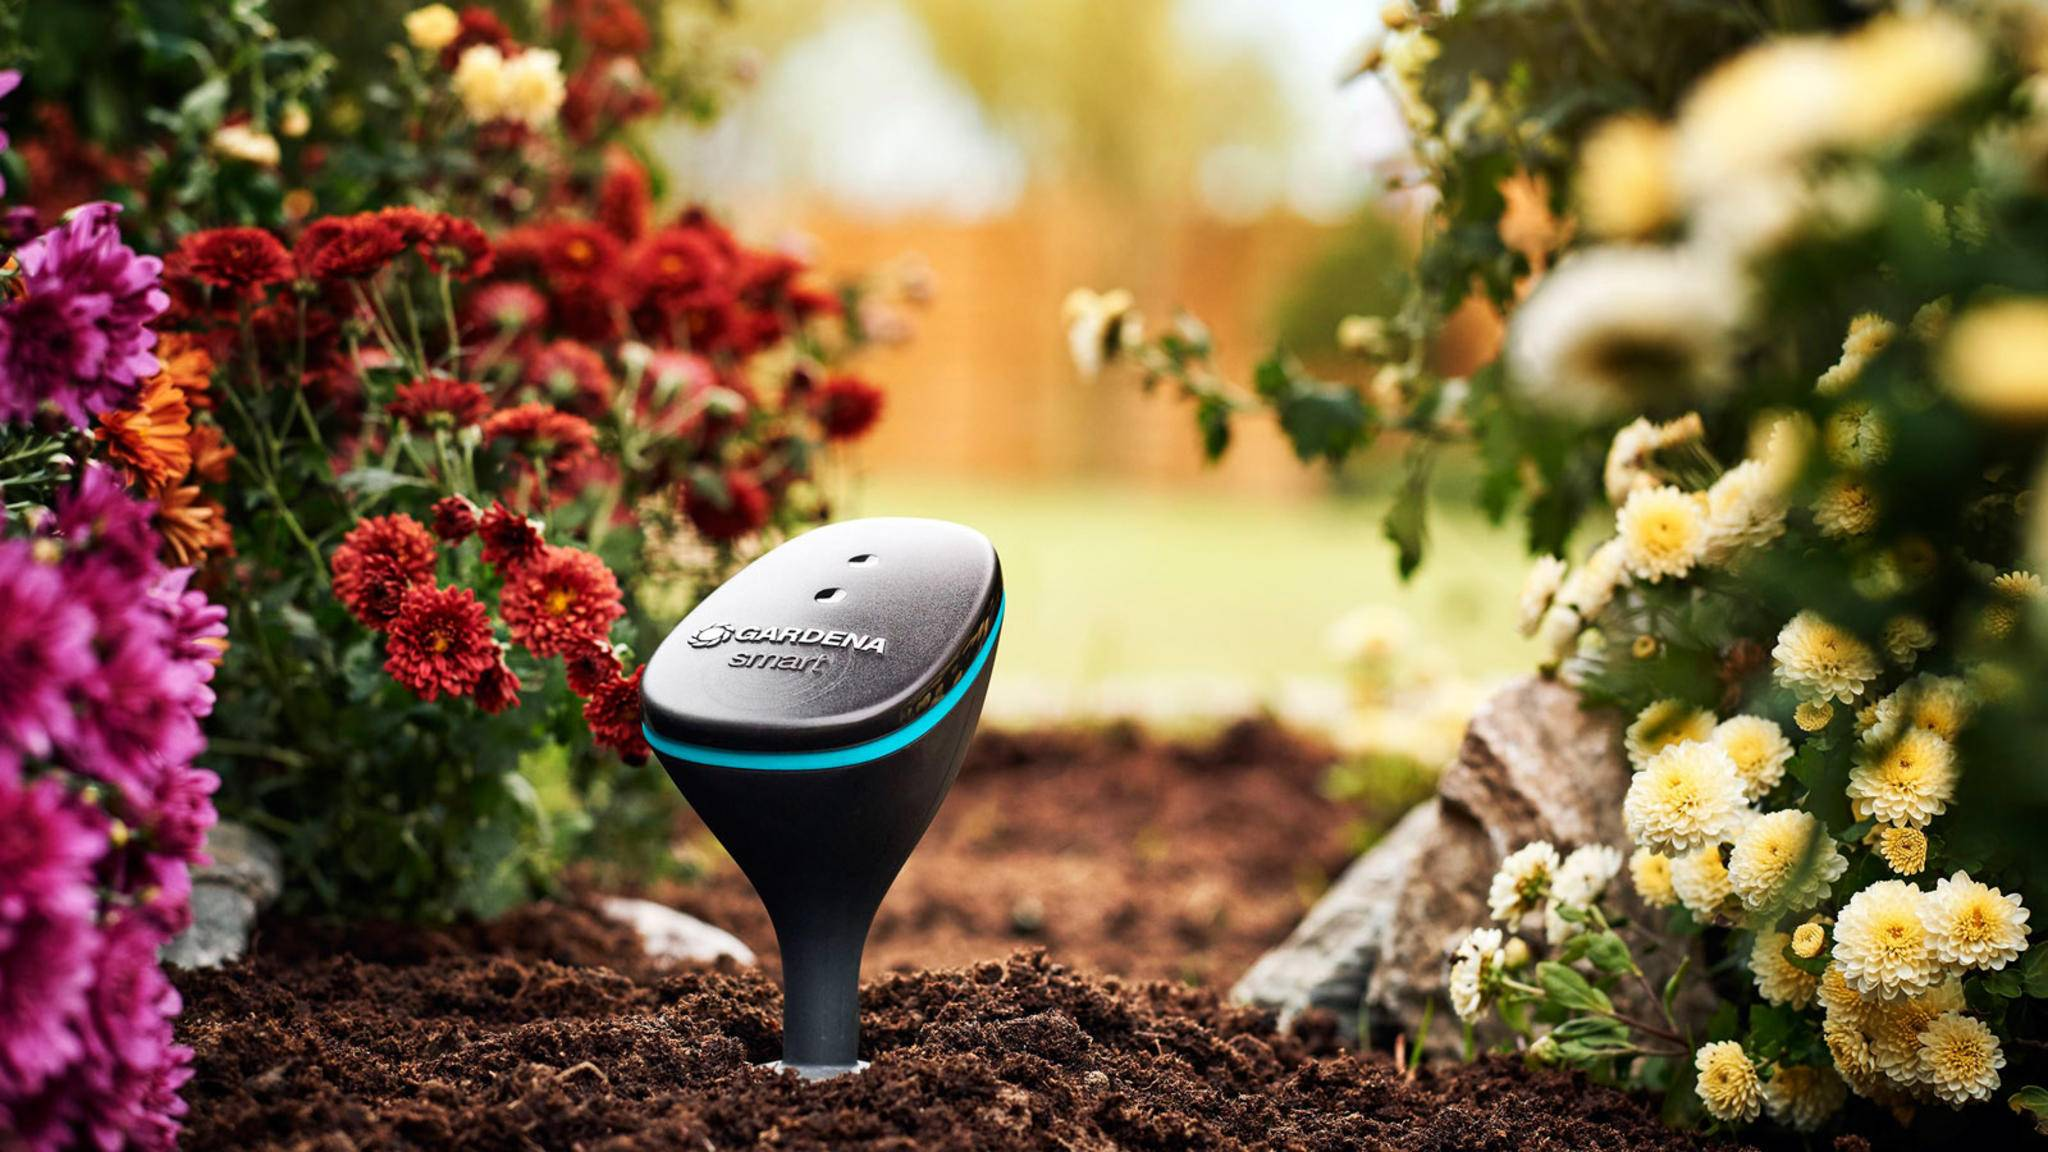 Die smarten Gartengeräte von Gardena verstehen sich künftig auch mit Apples HomeKit.